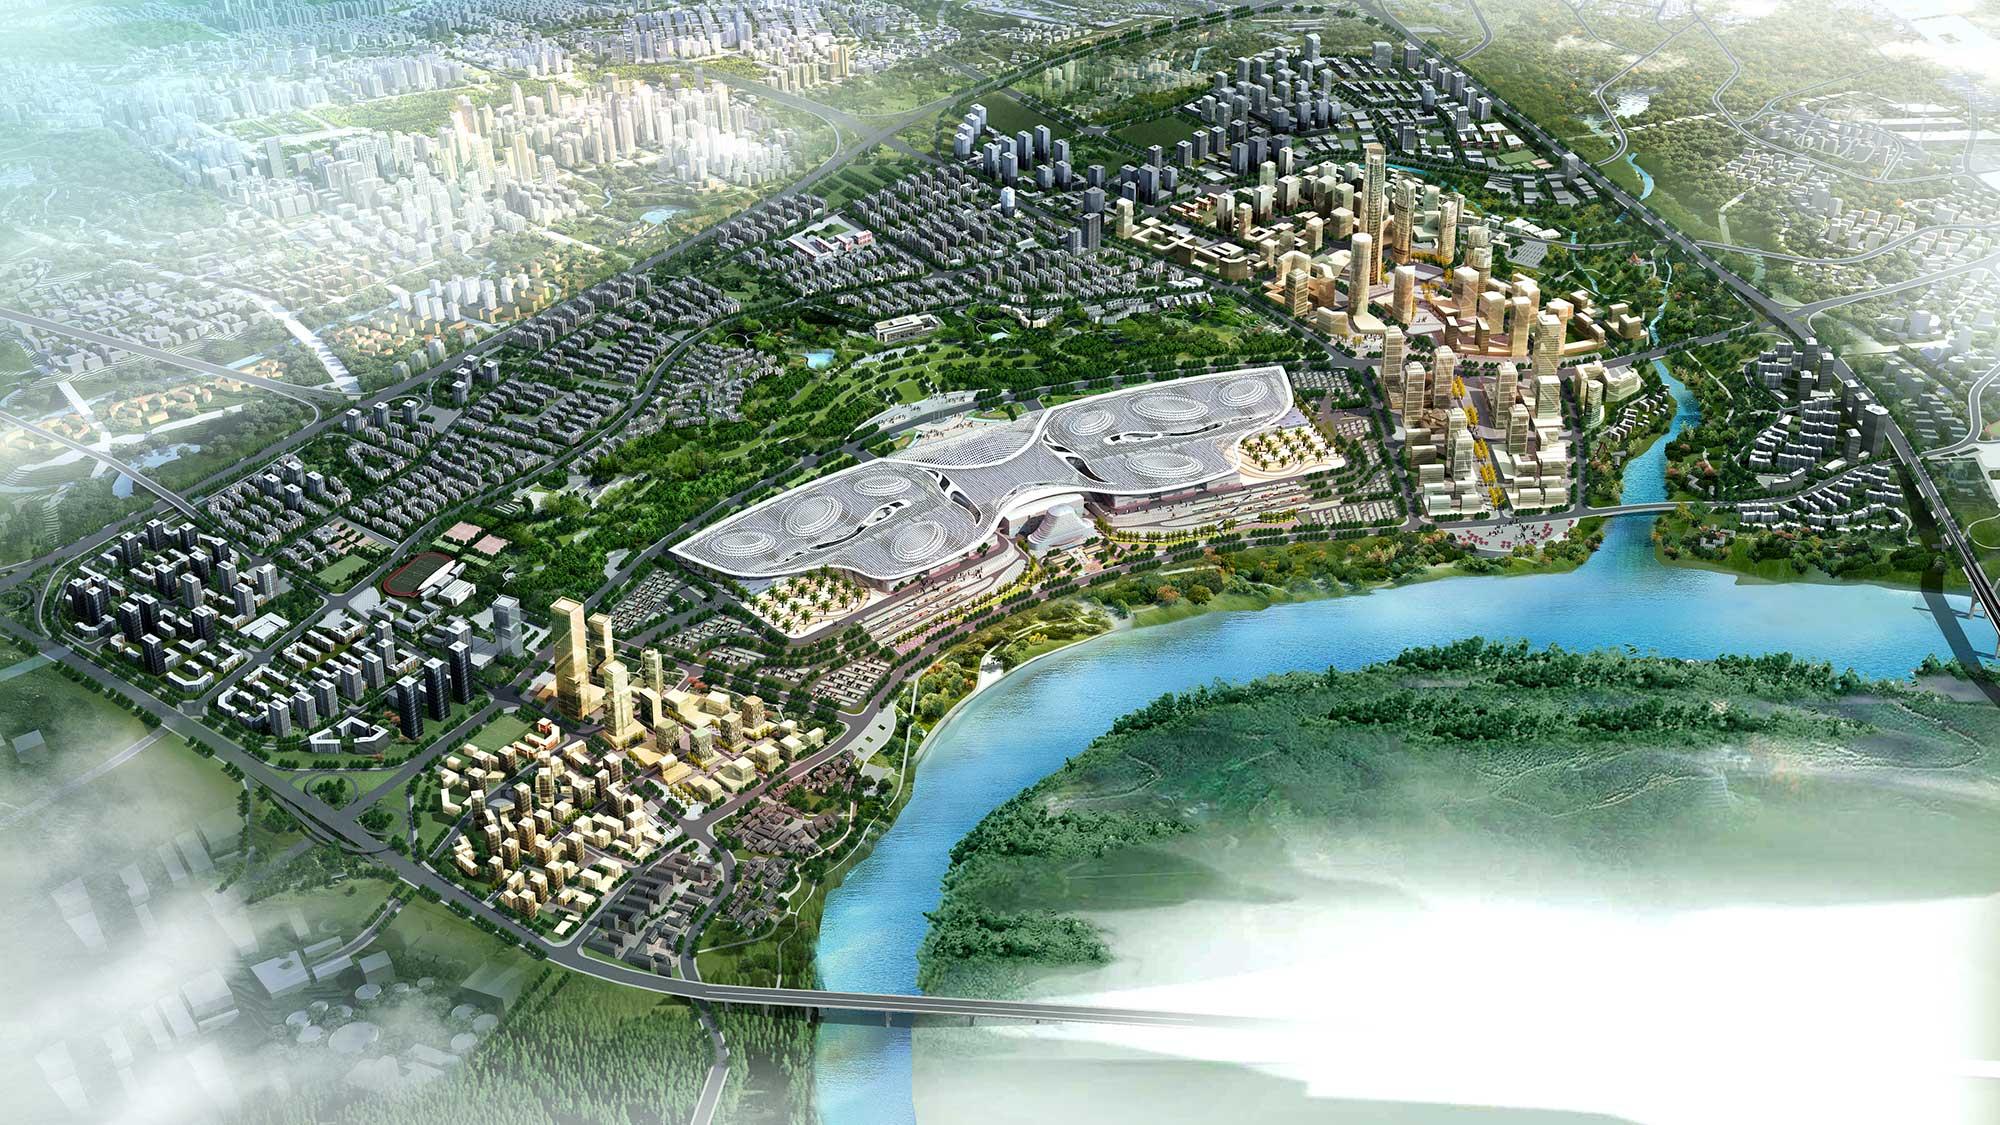 Chongqing Yuelai